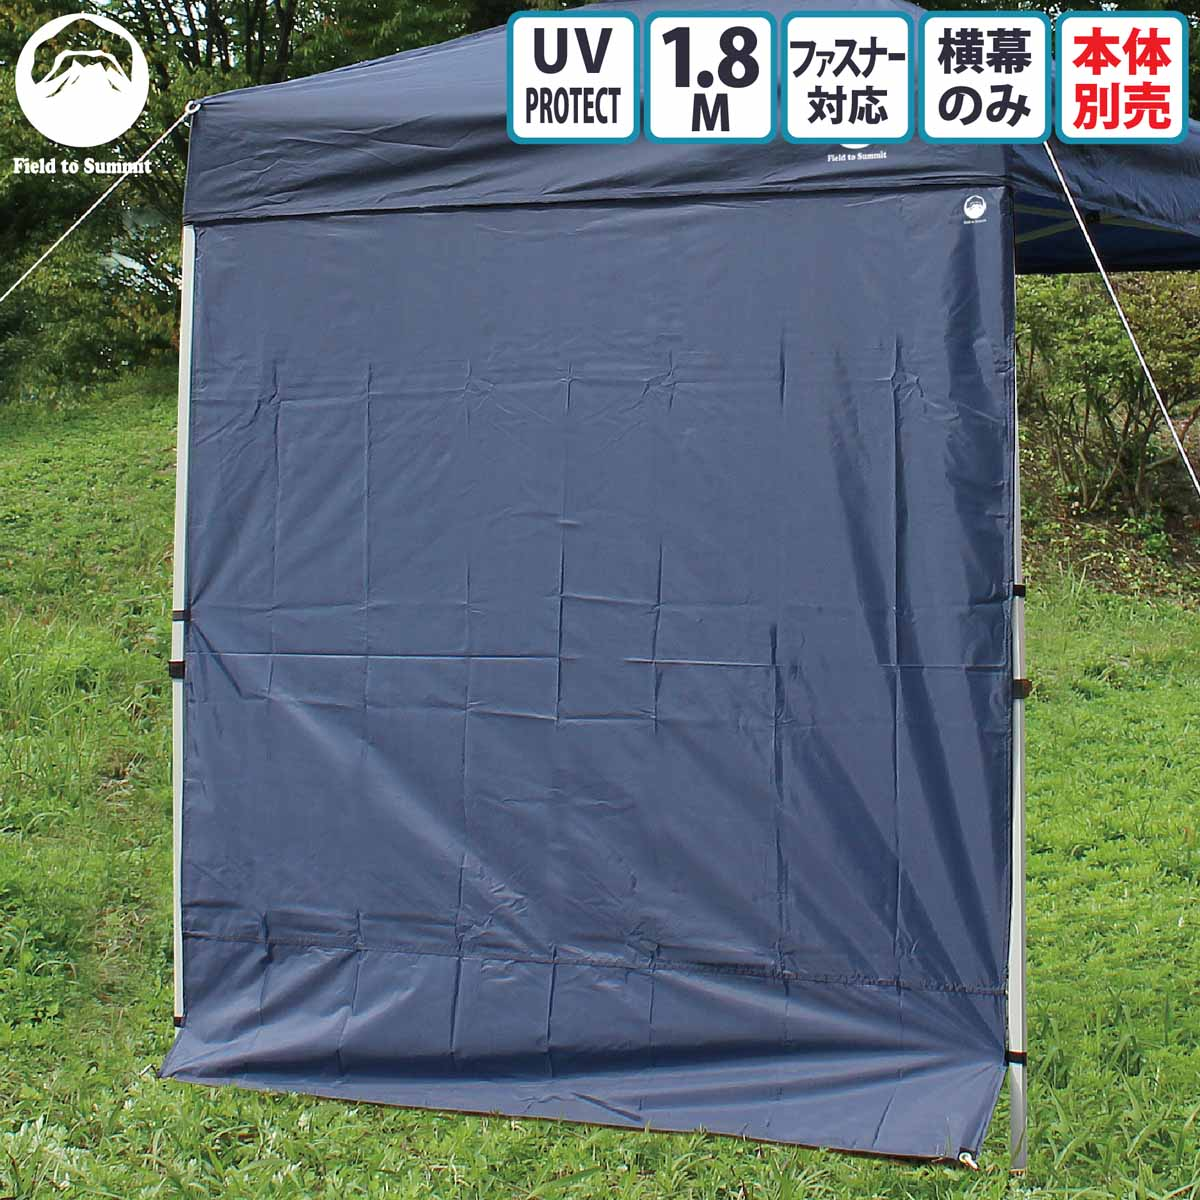 送料無料 ご予約品 Field to Summit 1.8Mサイズテント用 大規模セール オプション 横幕 180cm 簡易テント サイドタープ